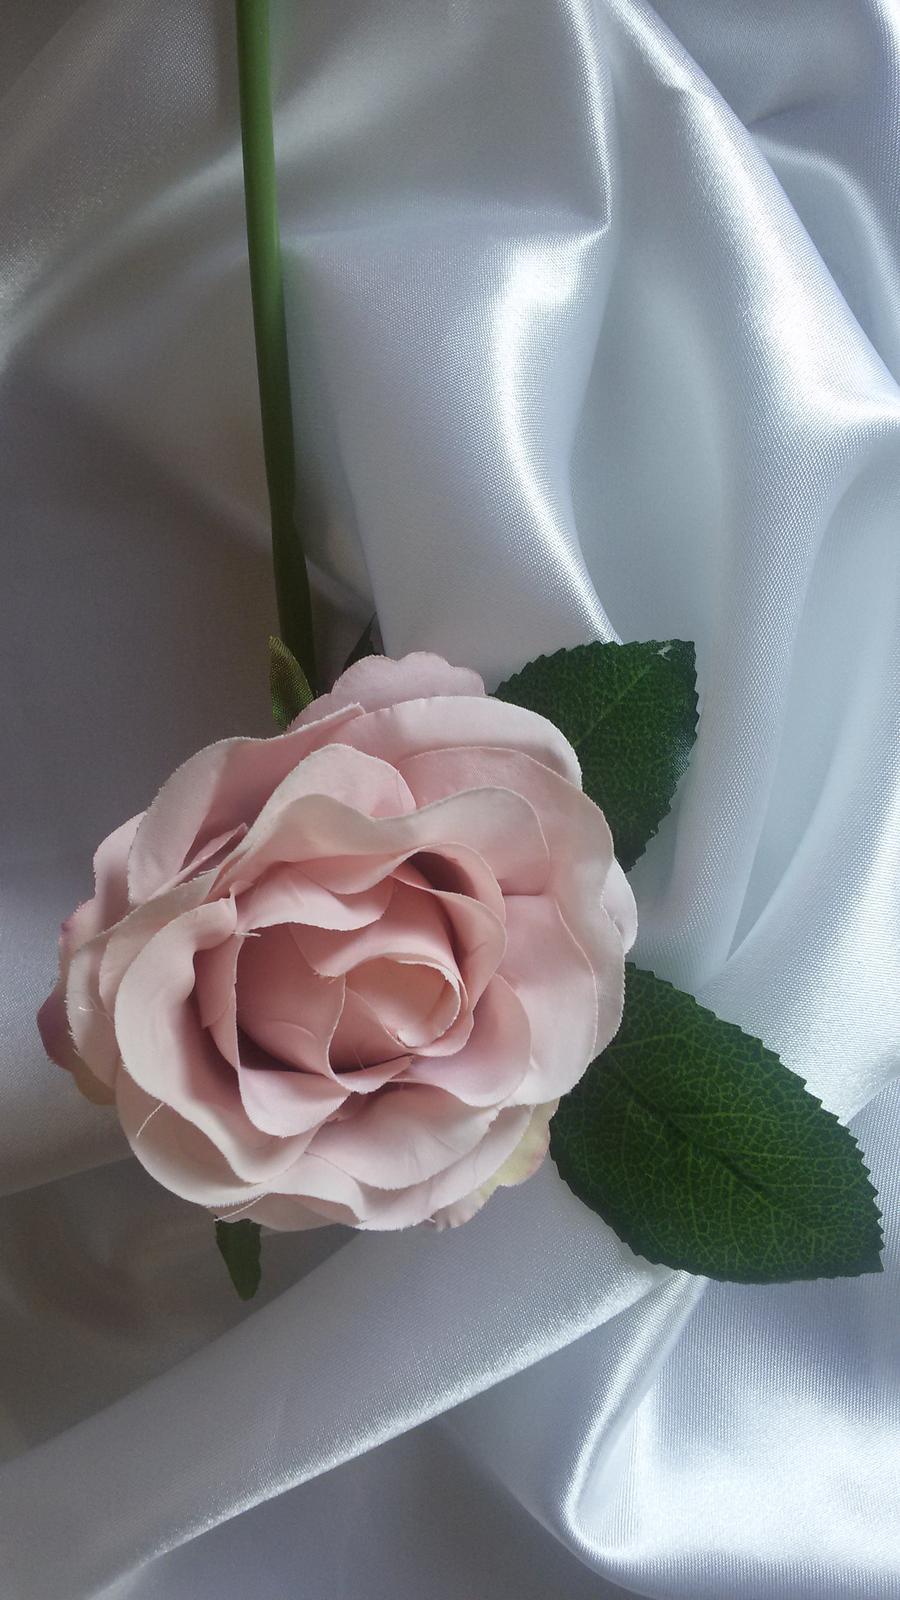 Růžová růže s listy - Obrázek č. 1